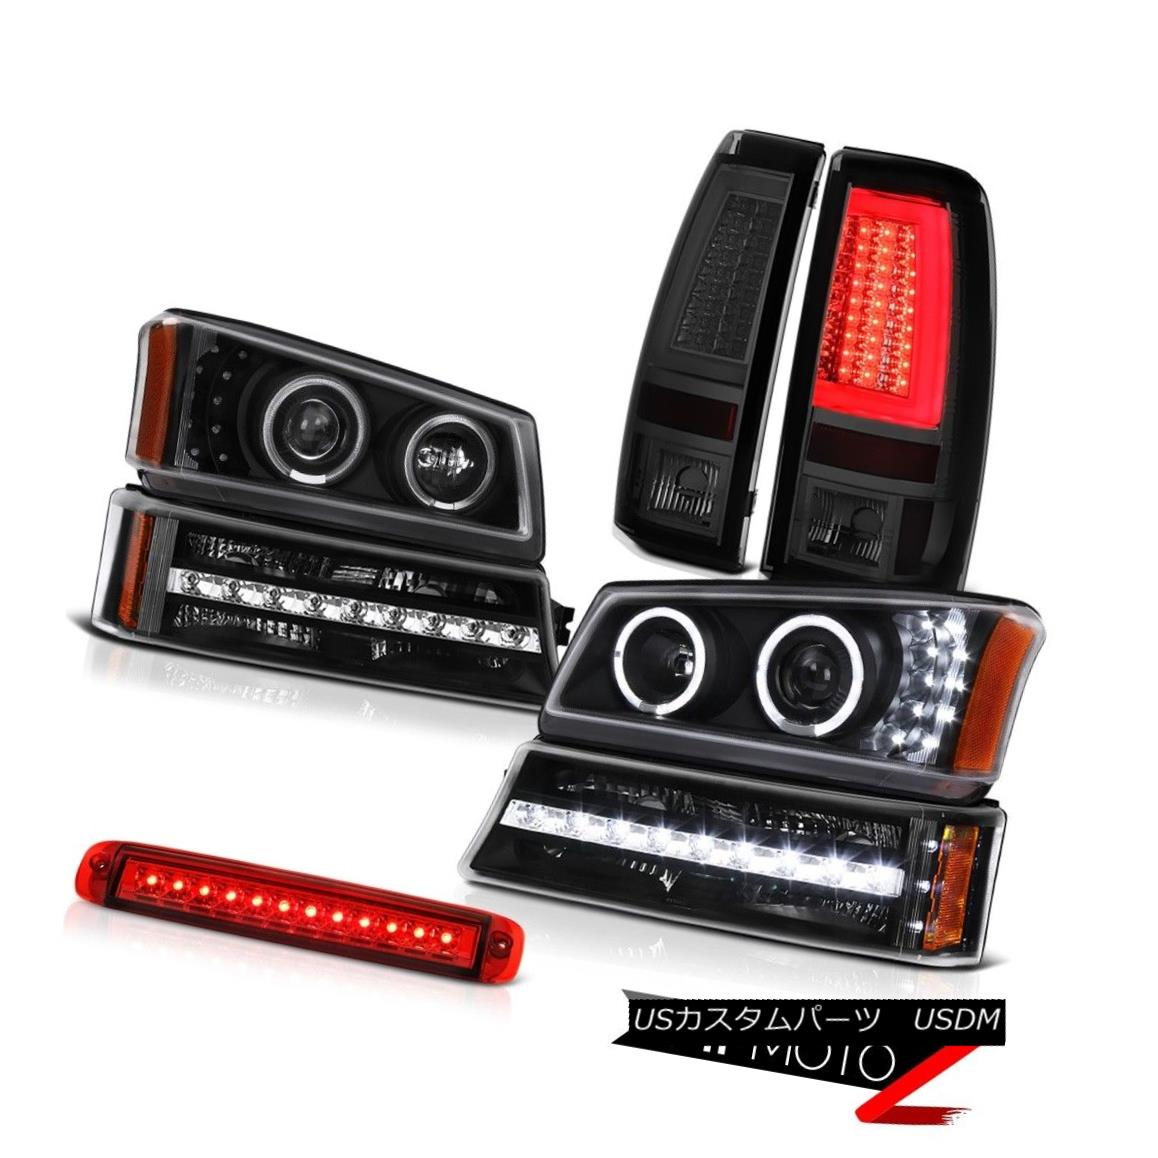 テールライト 03-06 Silverado 1500 Tail Brake Lights 3RD Lamp Headlamps Turn Signal Angel Eyes 03-06 Silverado 1500テールブレーキライト3RDランプヘッドランプターンシグナルエンジェルアイズ